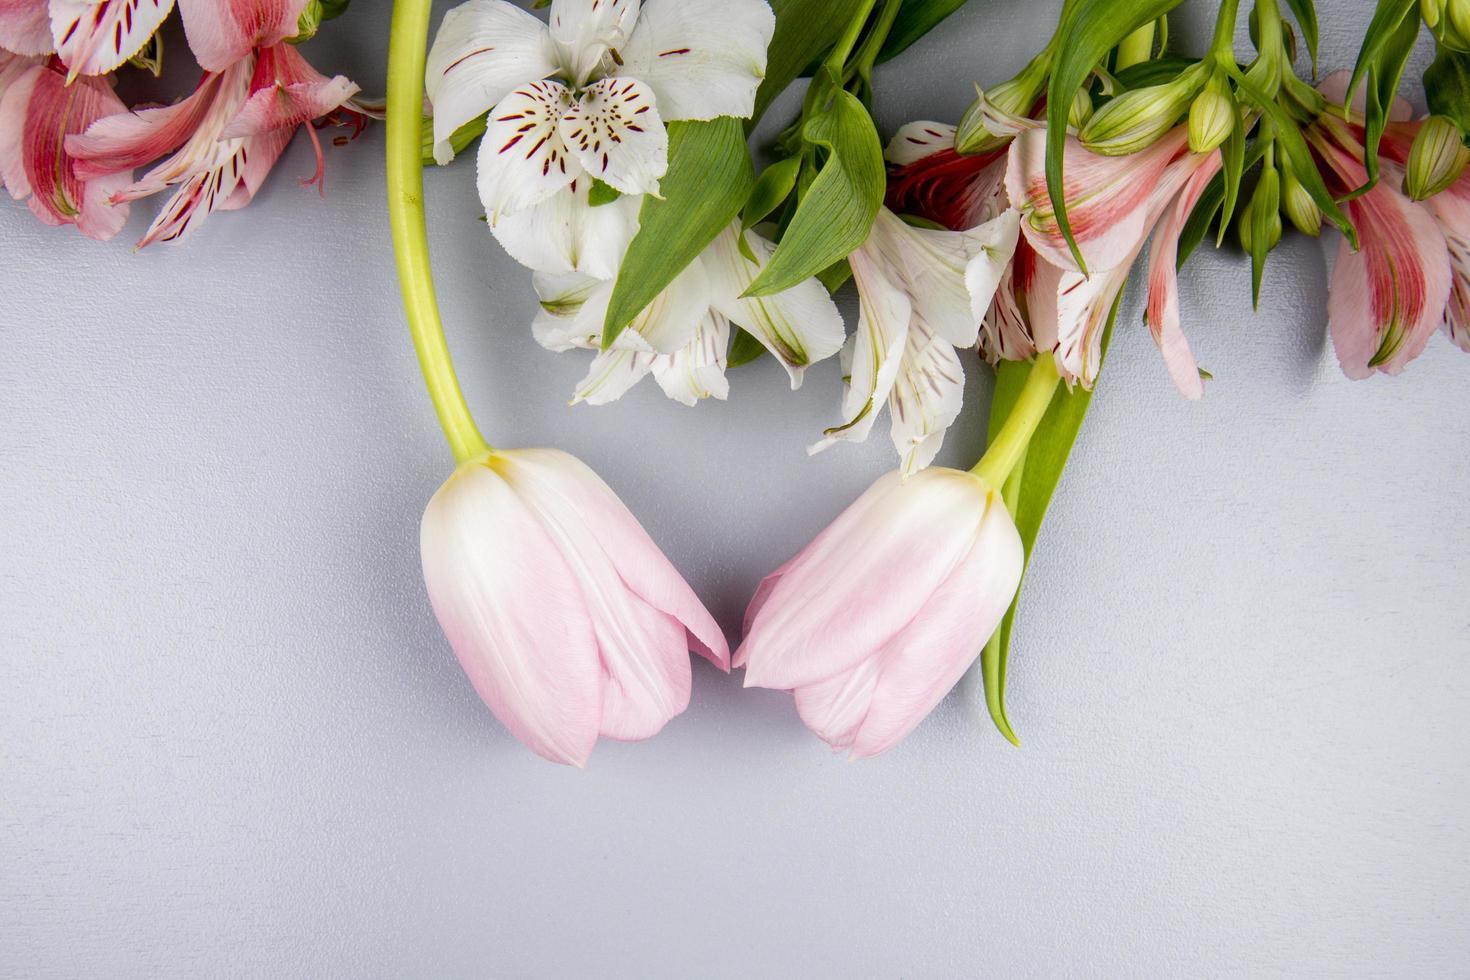 vista superior de flores blancas y rosadas foto